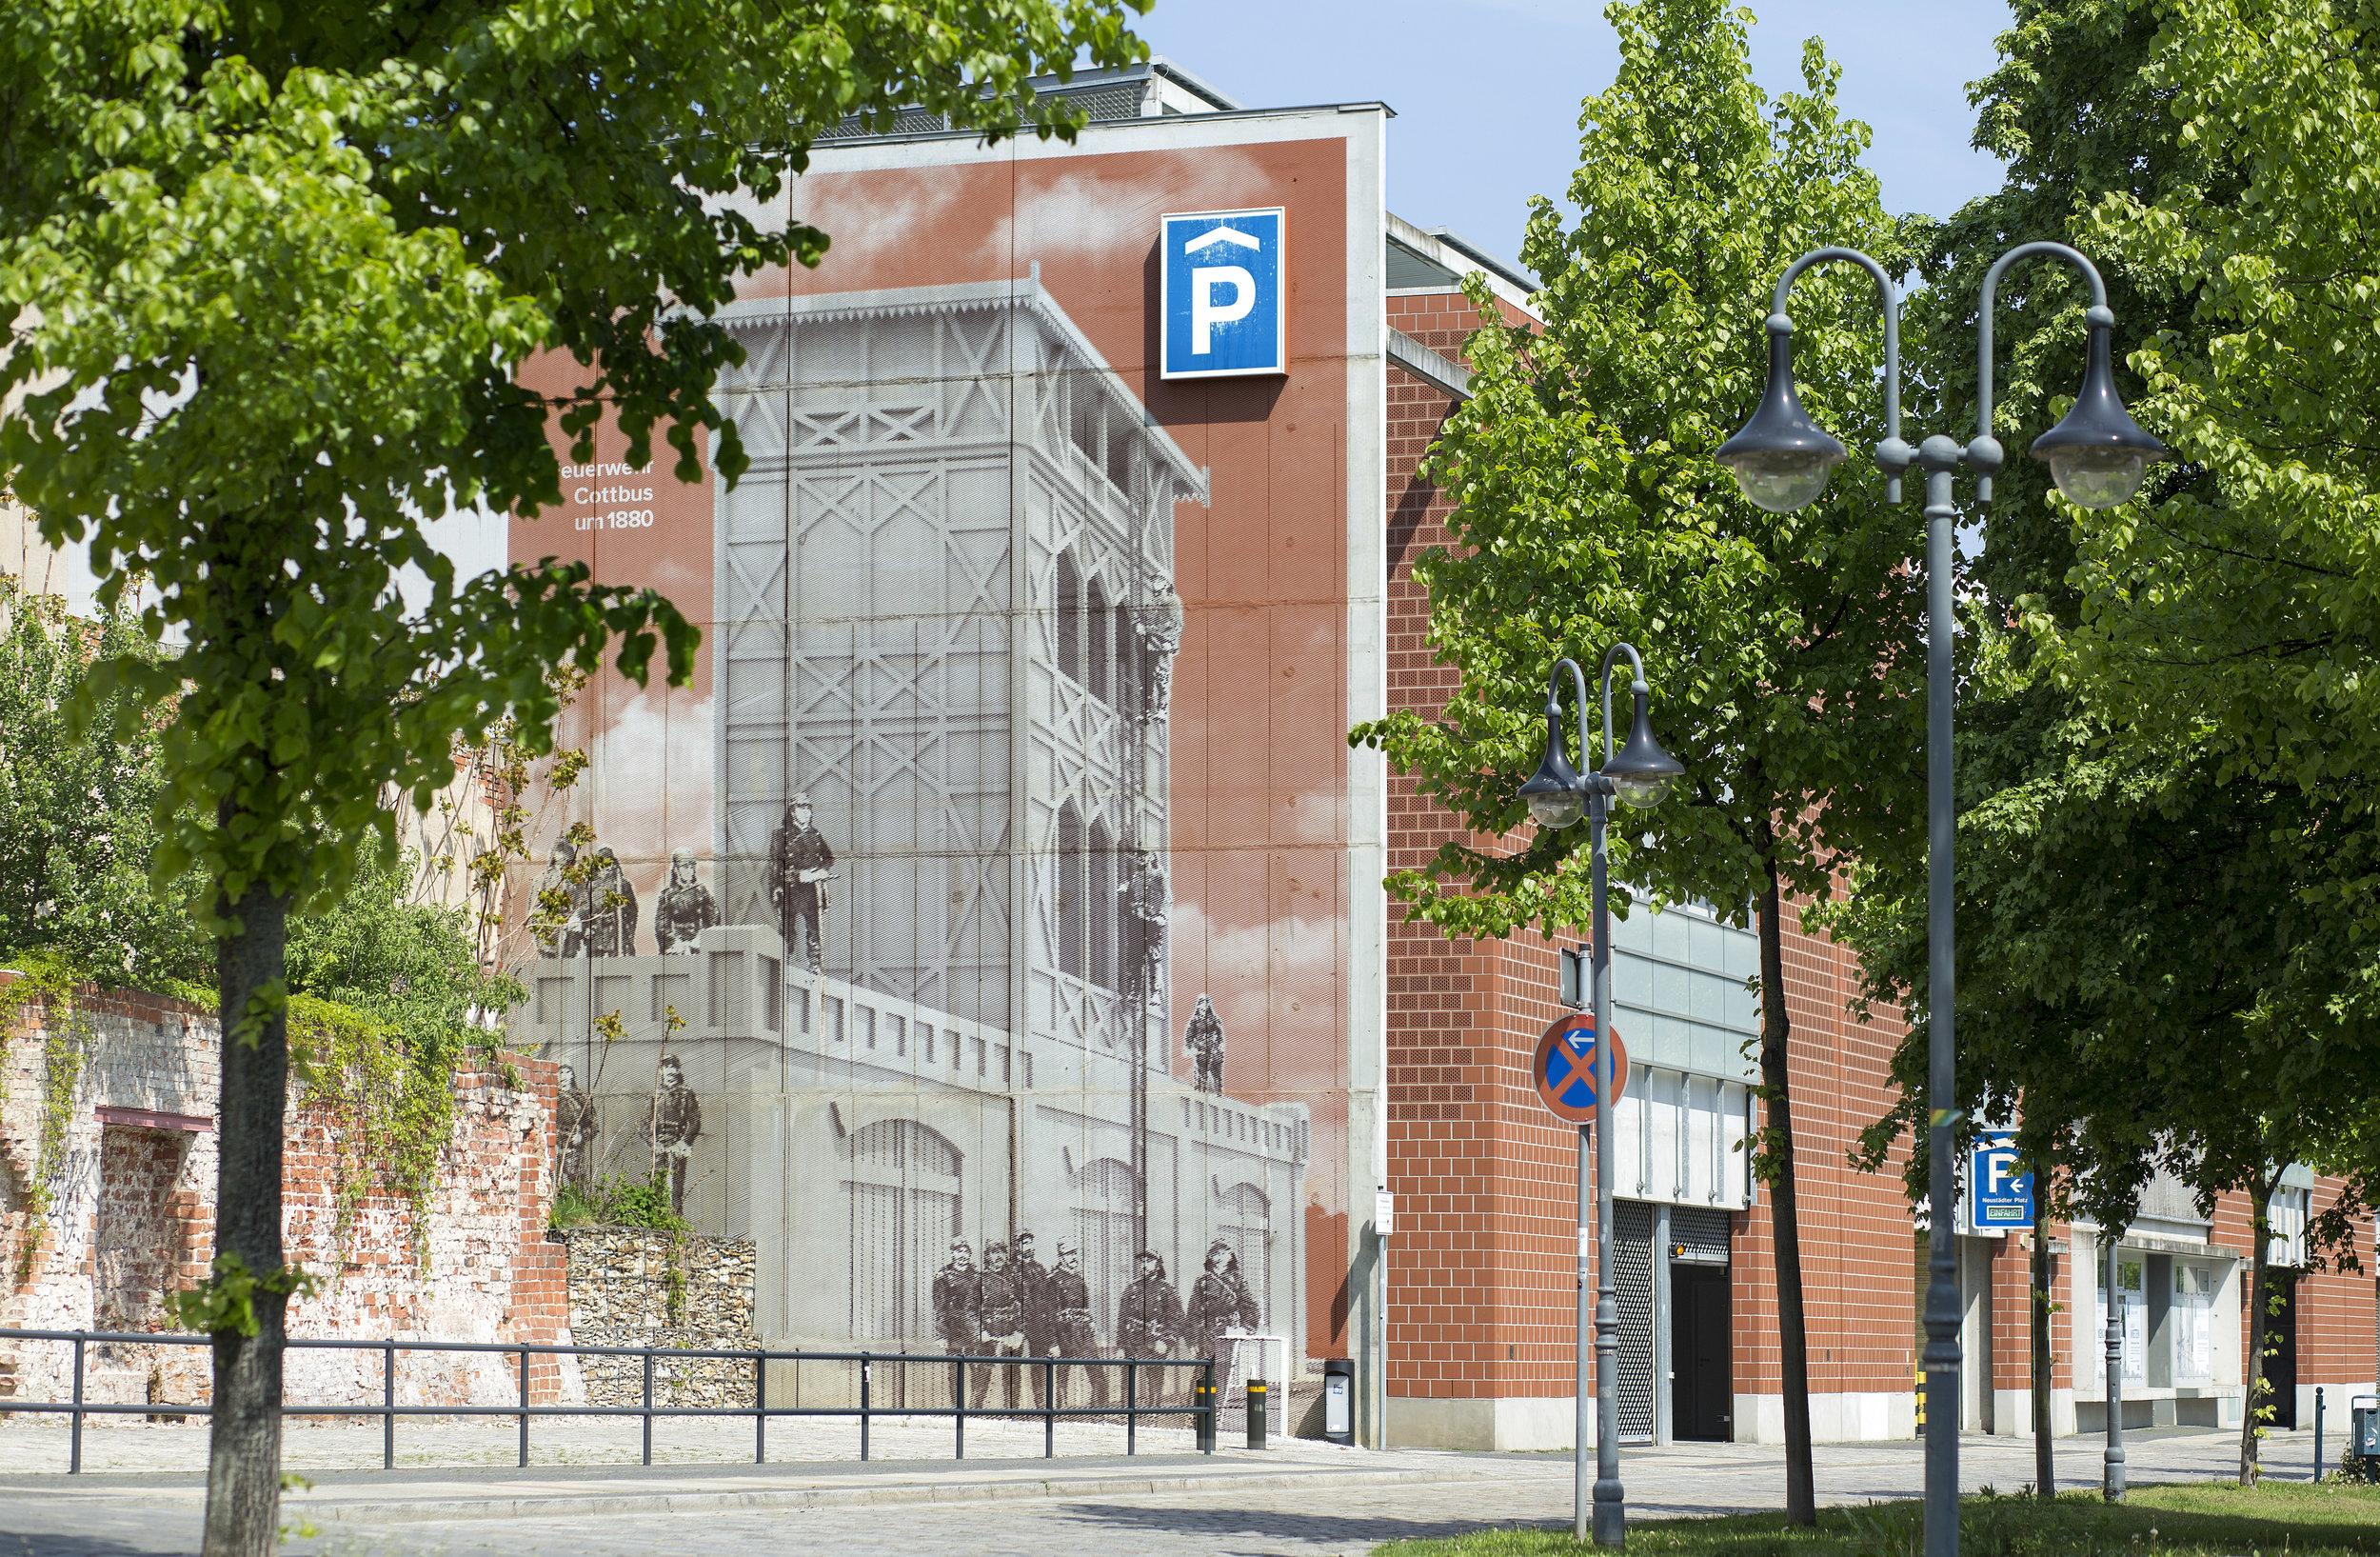 Feuerwehr_Historisch_Wandbild_Fassade_Parkhaus_Rasterbild